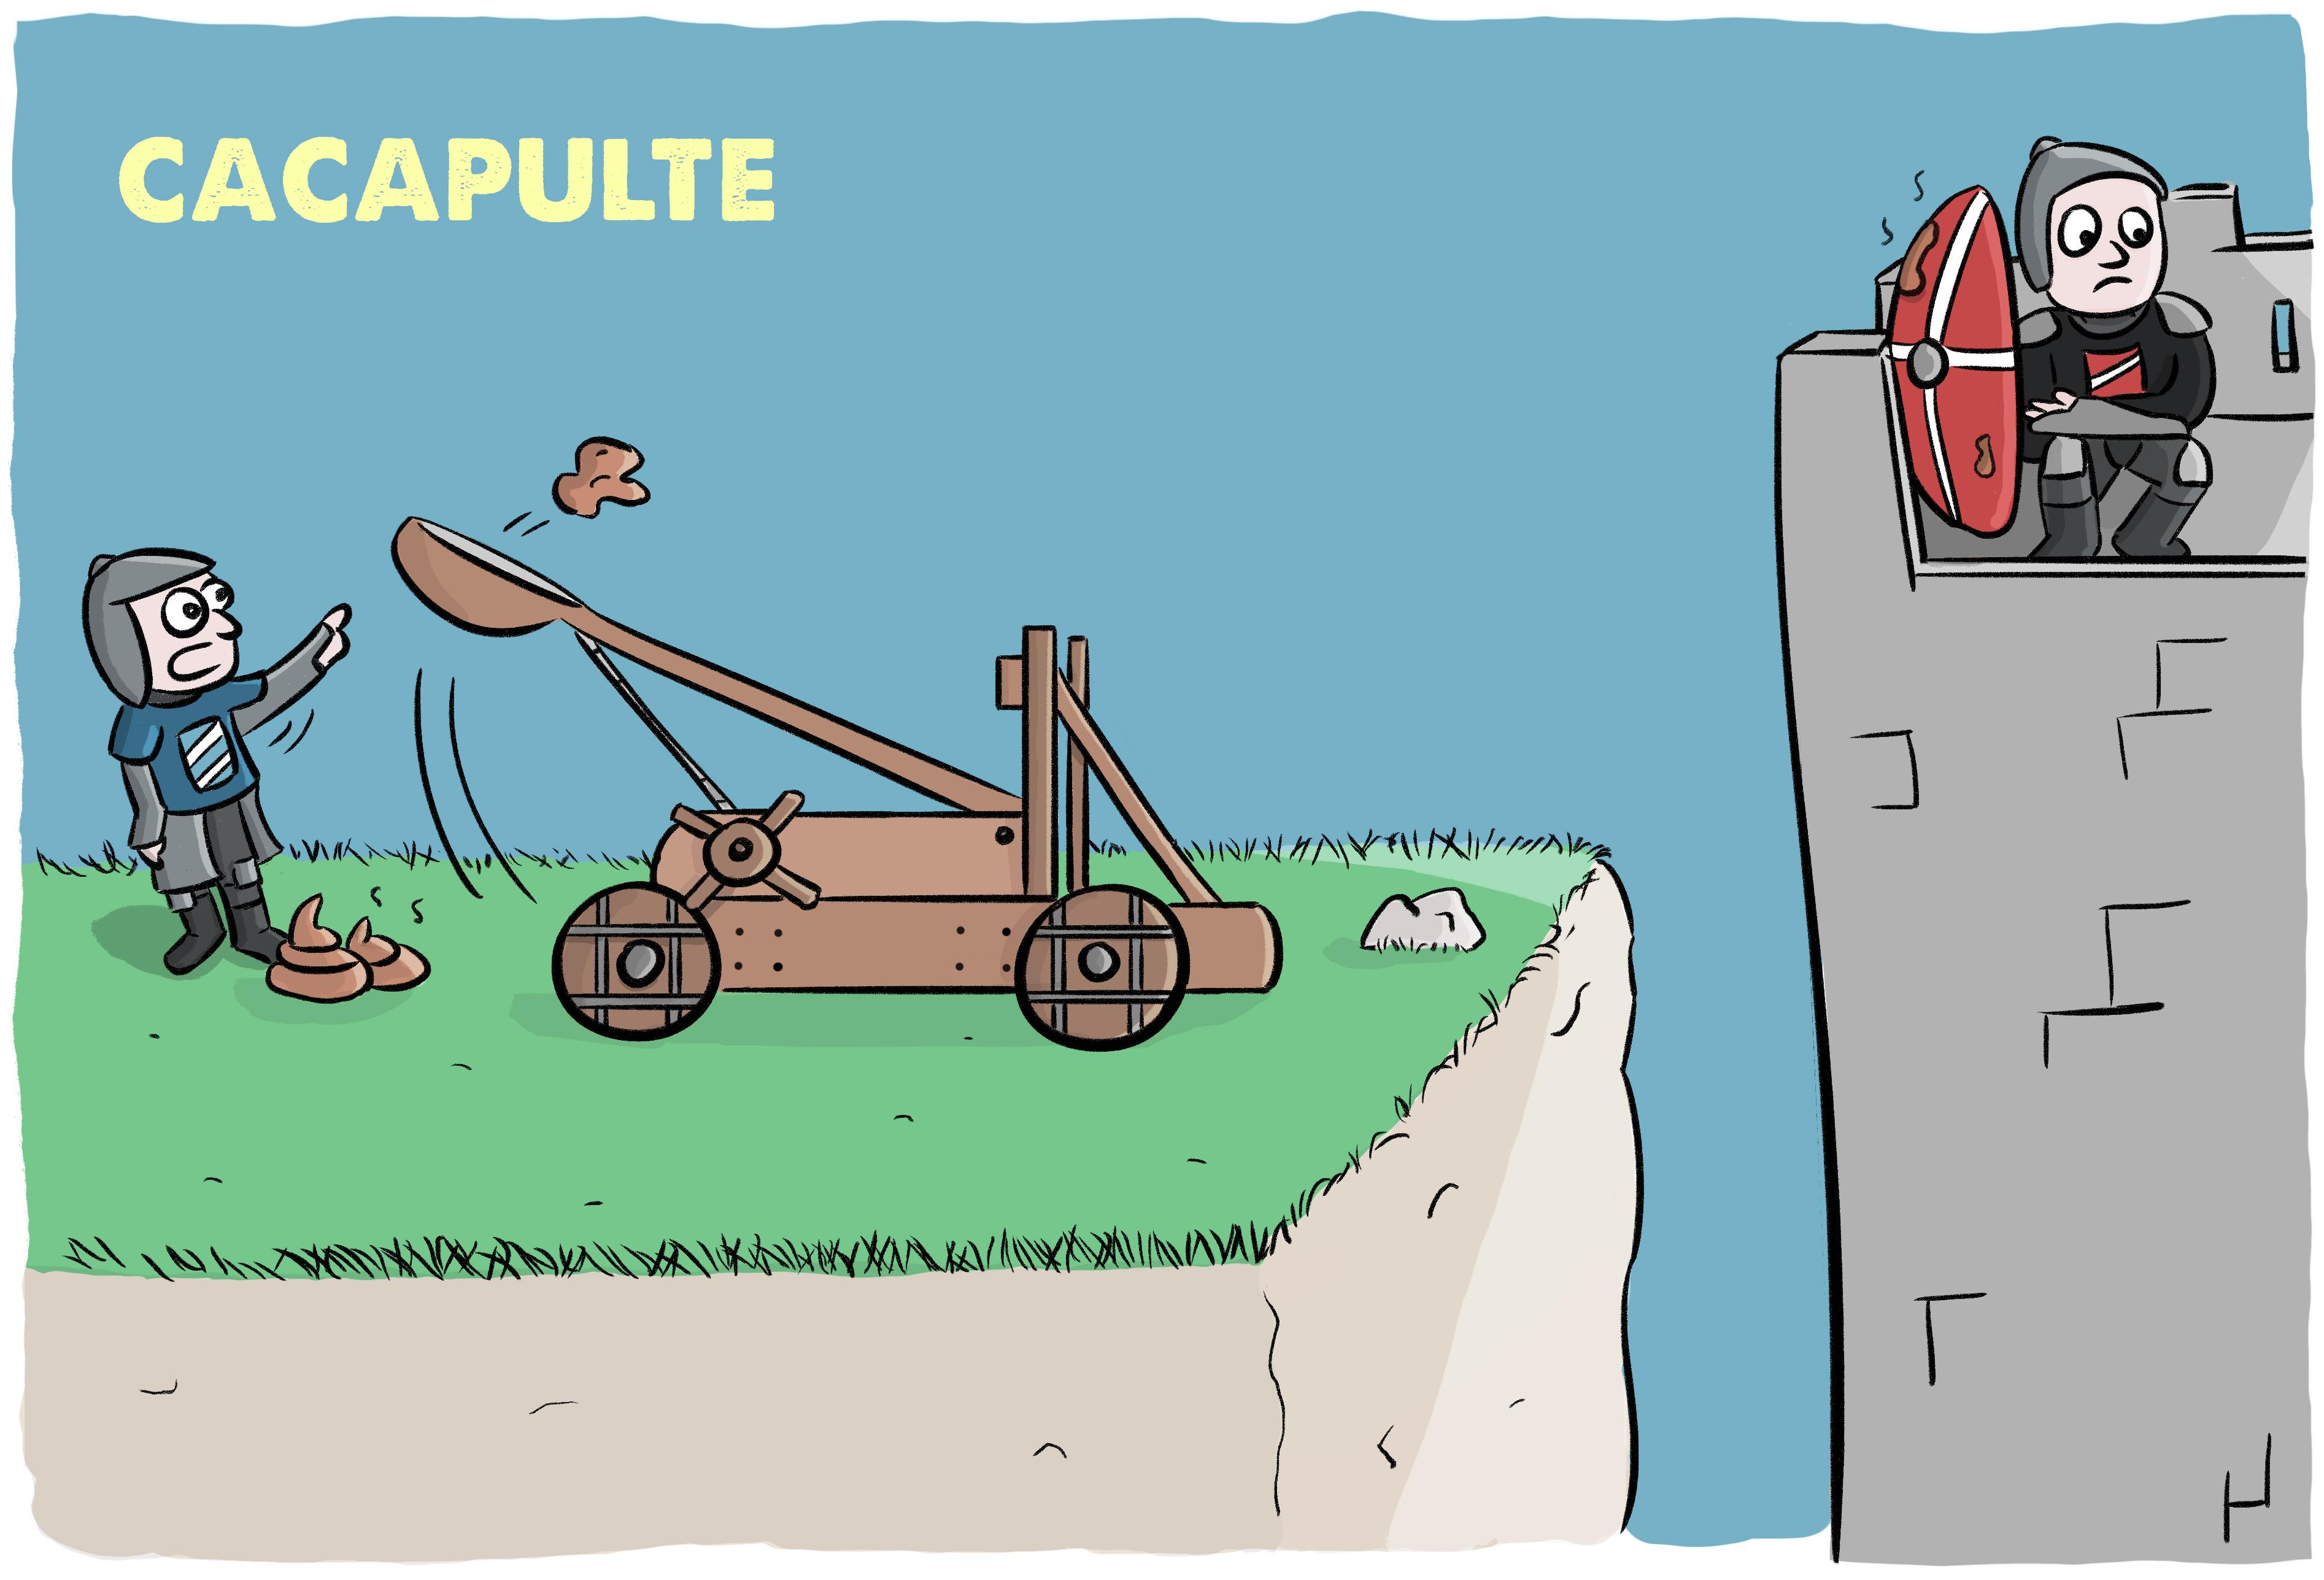 cacapulte